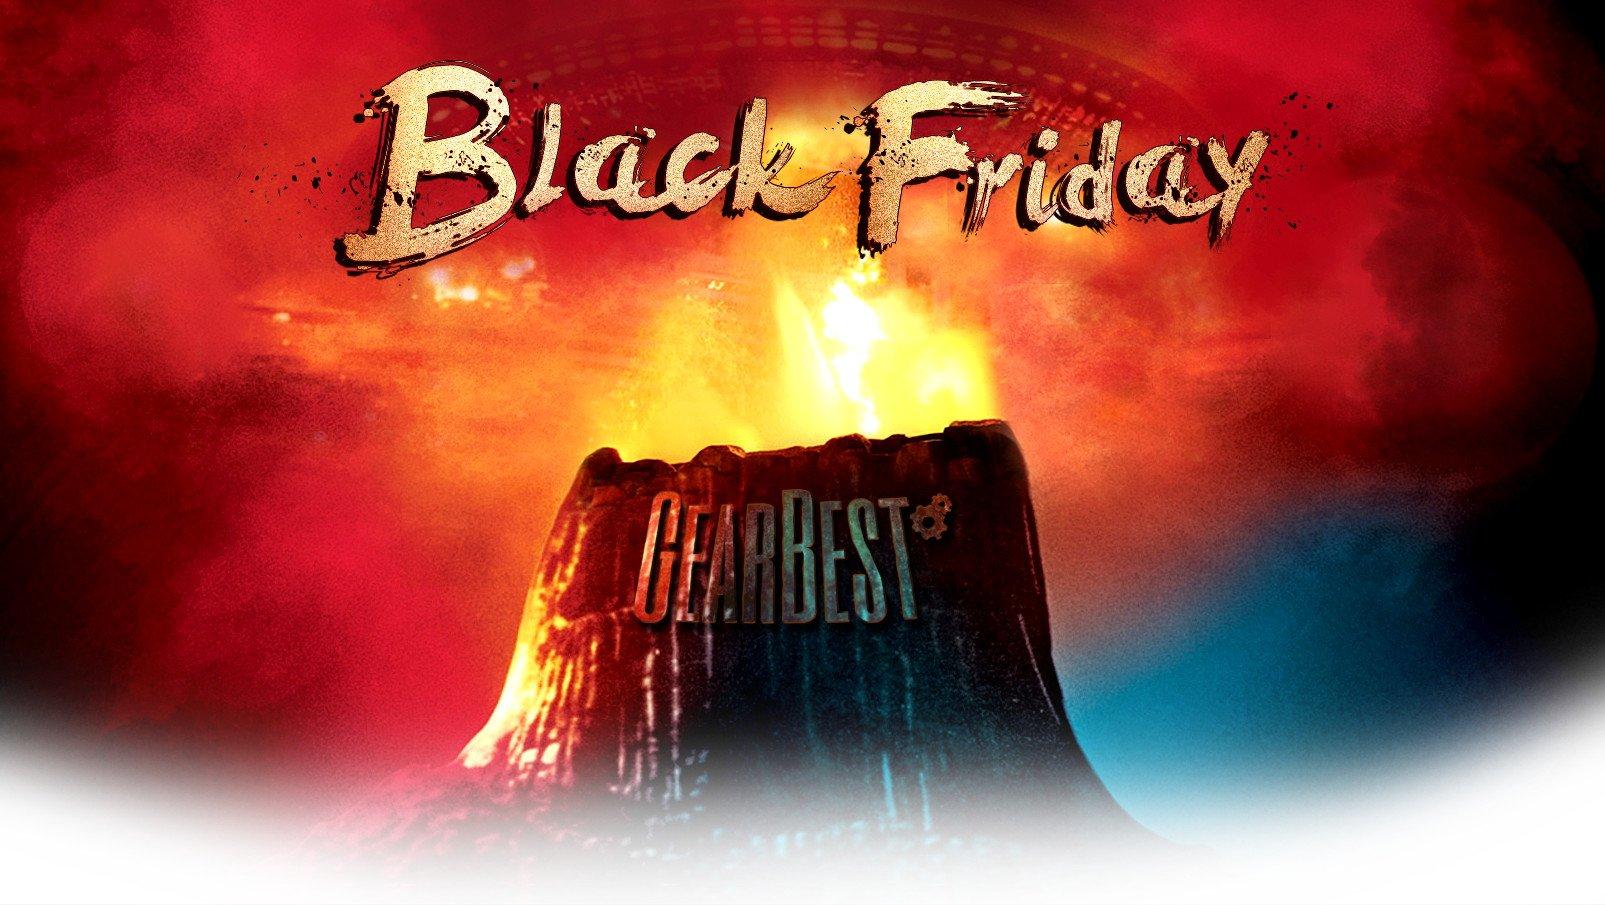 GearBest, scatta il Black Friday con tantissimi sconti